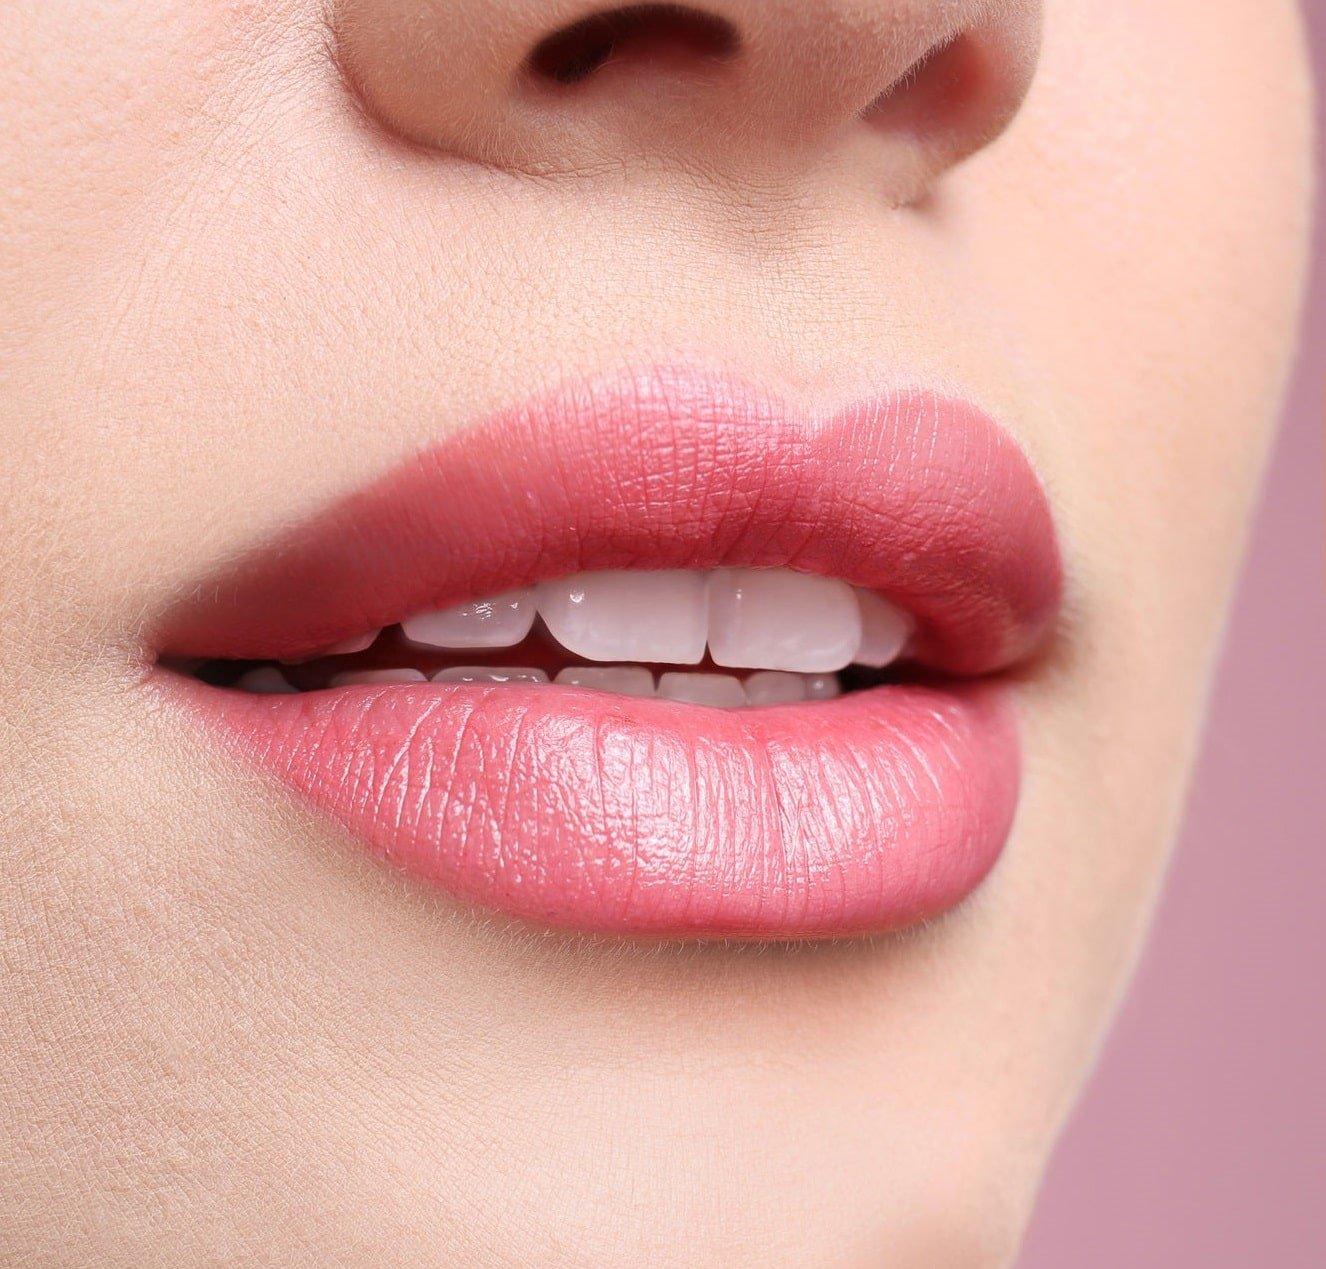 דוקטור קונפינו עיצוב ומילוי שפתיים